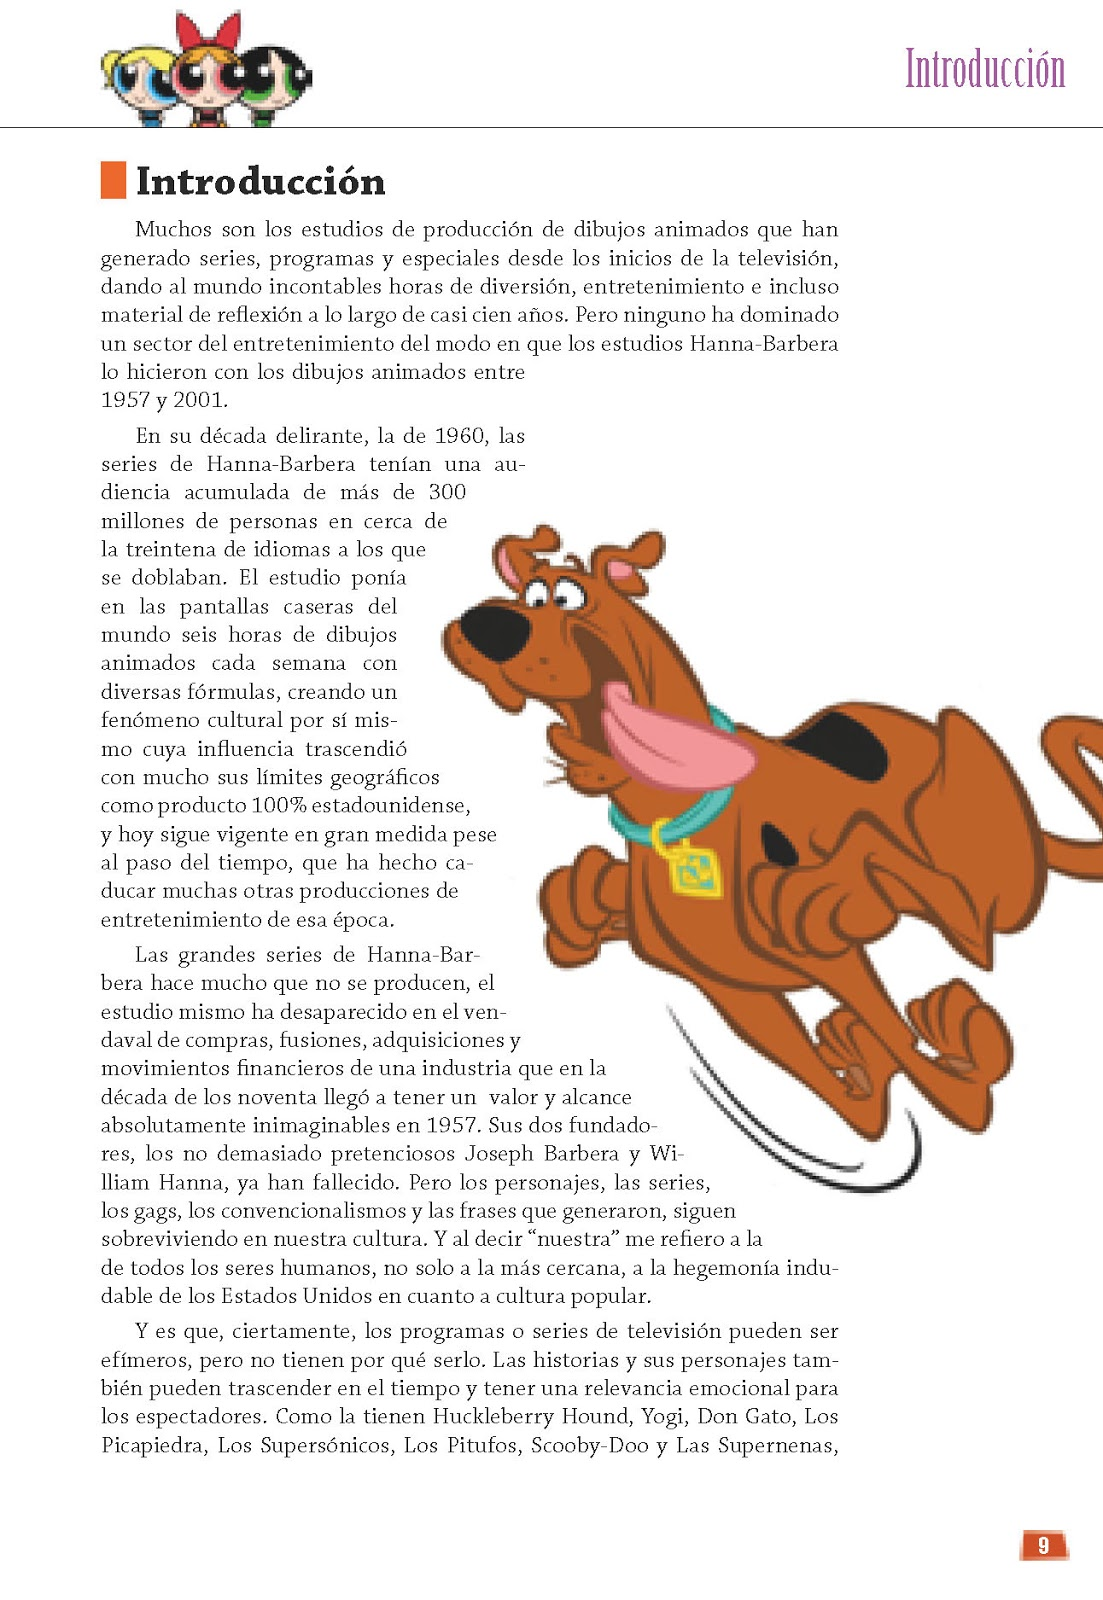 """Crítica de """"De Tom y Jerry a Las Supernenas: La Aventura de Hanna ..."""